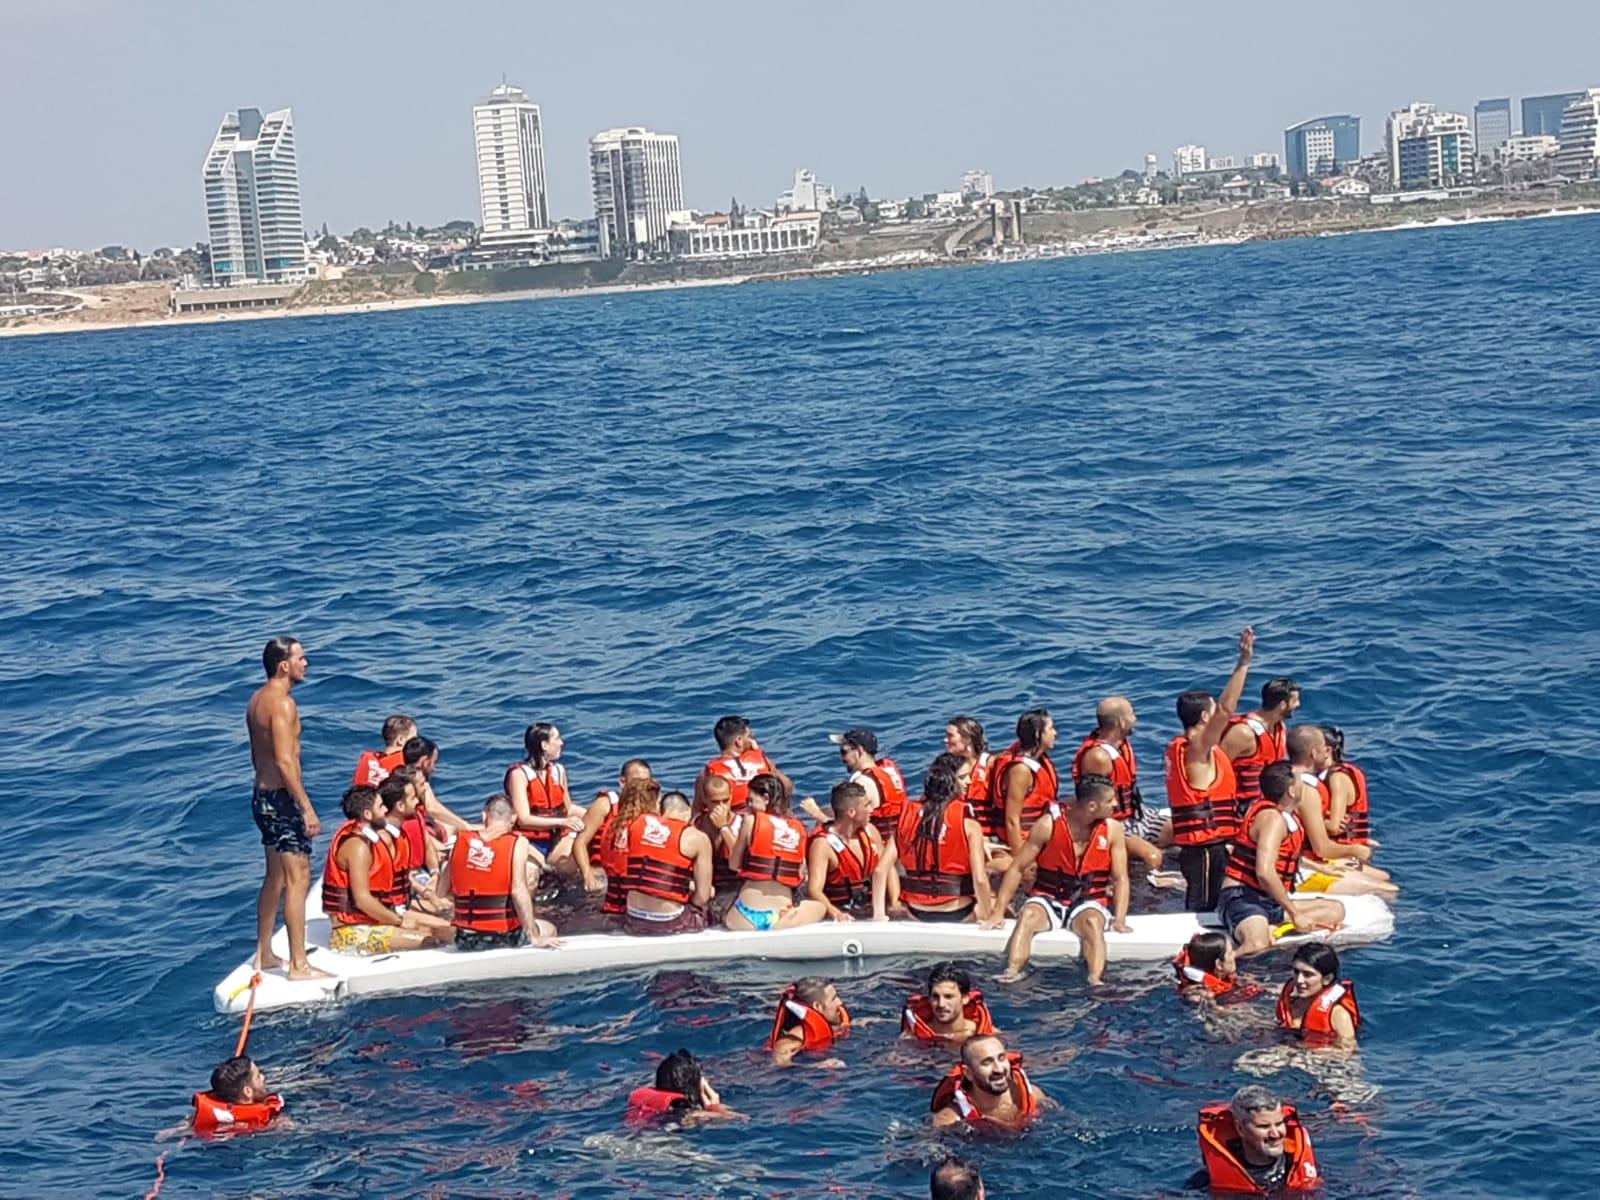 הפלגה בסירת טורנדו